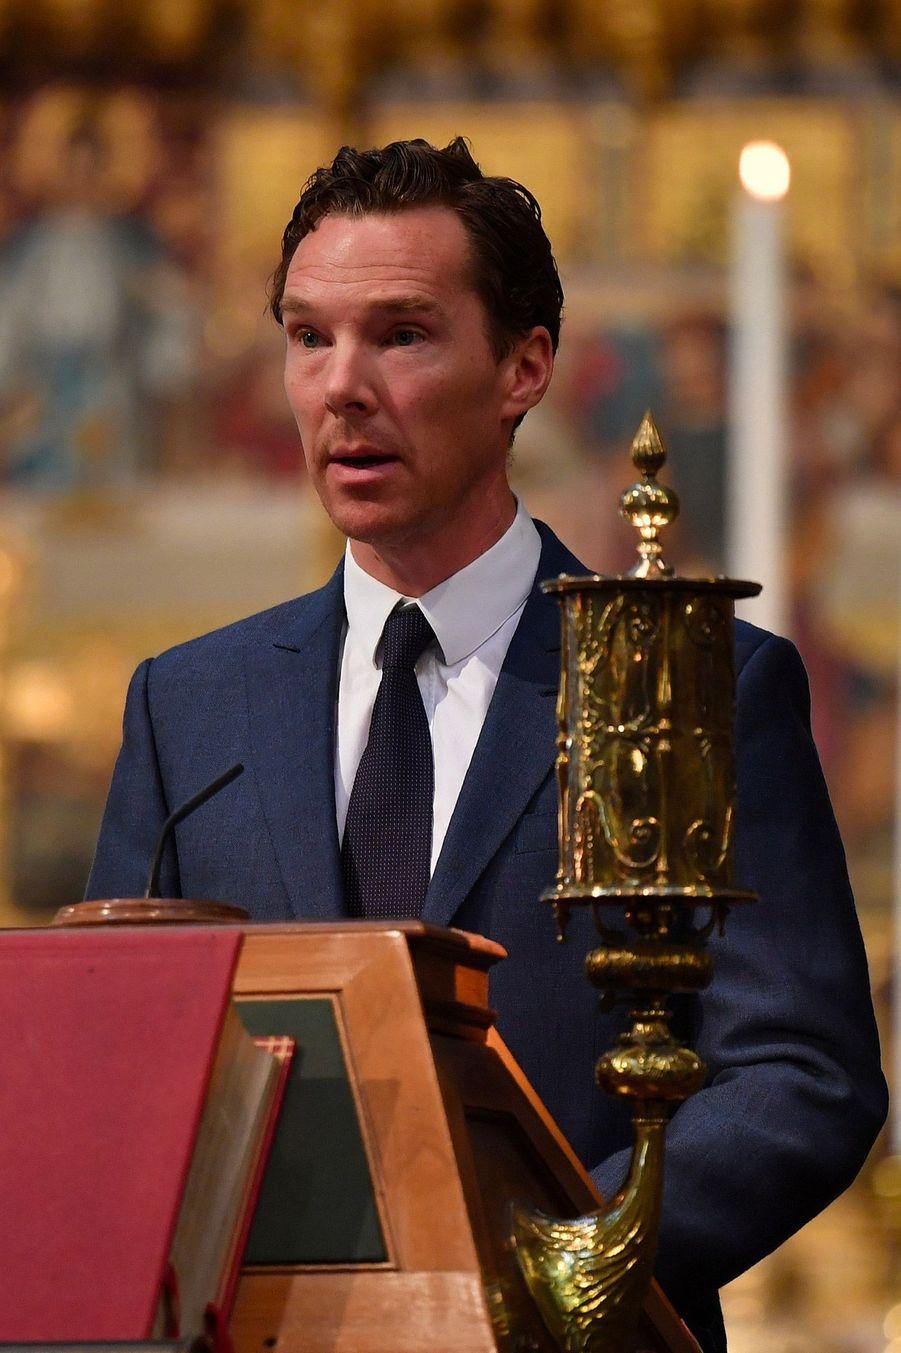 Benedict Cumberbatch, lorsde la cérémonie d'inhumation de l'astrophysicien Stephen Hawking, àWestminster, le 15 juin 2018.